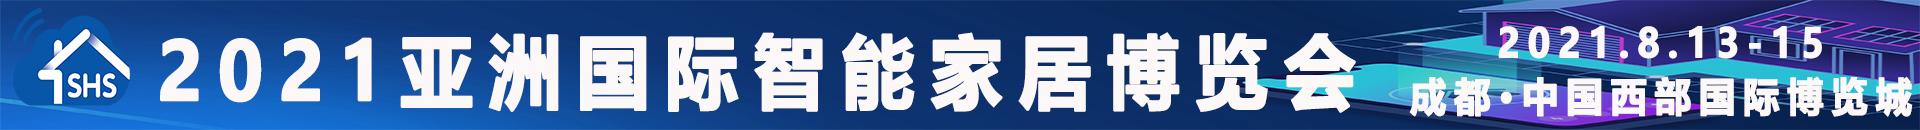 2021亚洲国际智能家居博览会